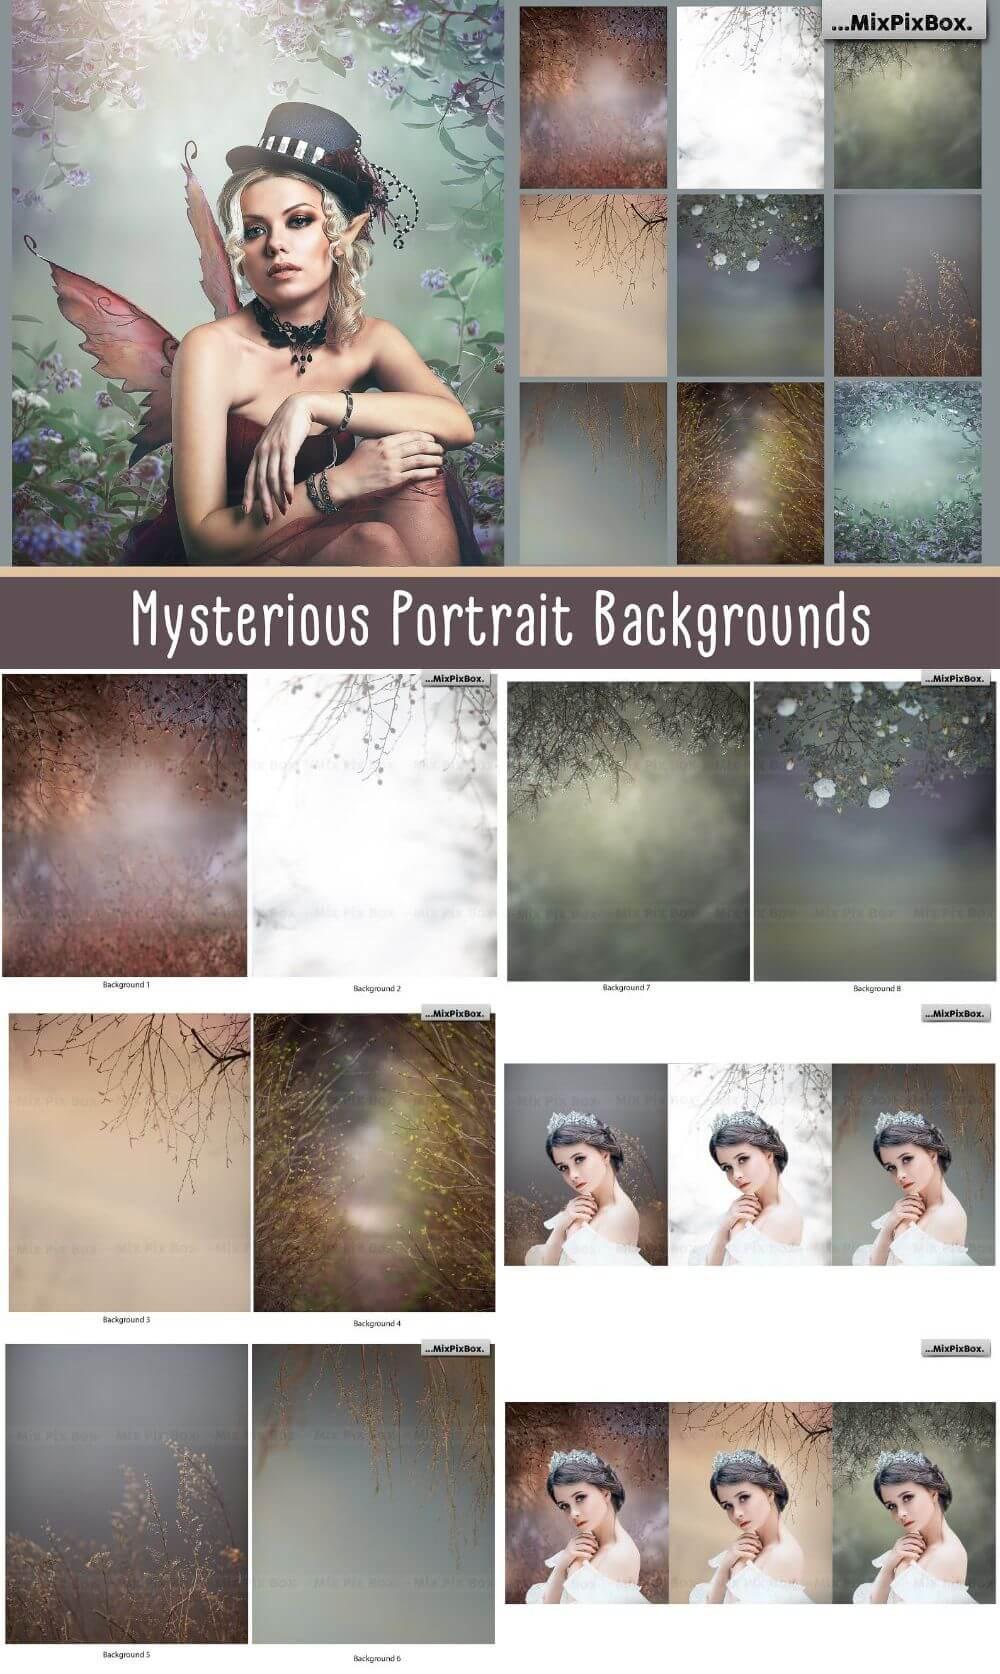 Mysterious Portrait Backgrounds